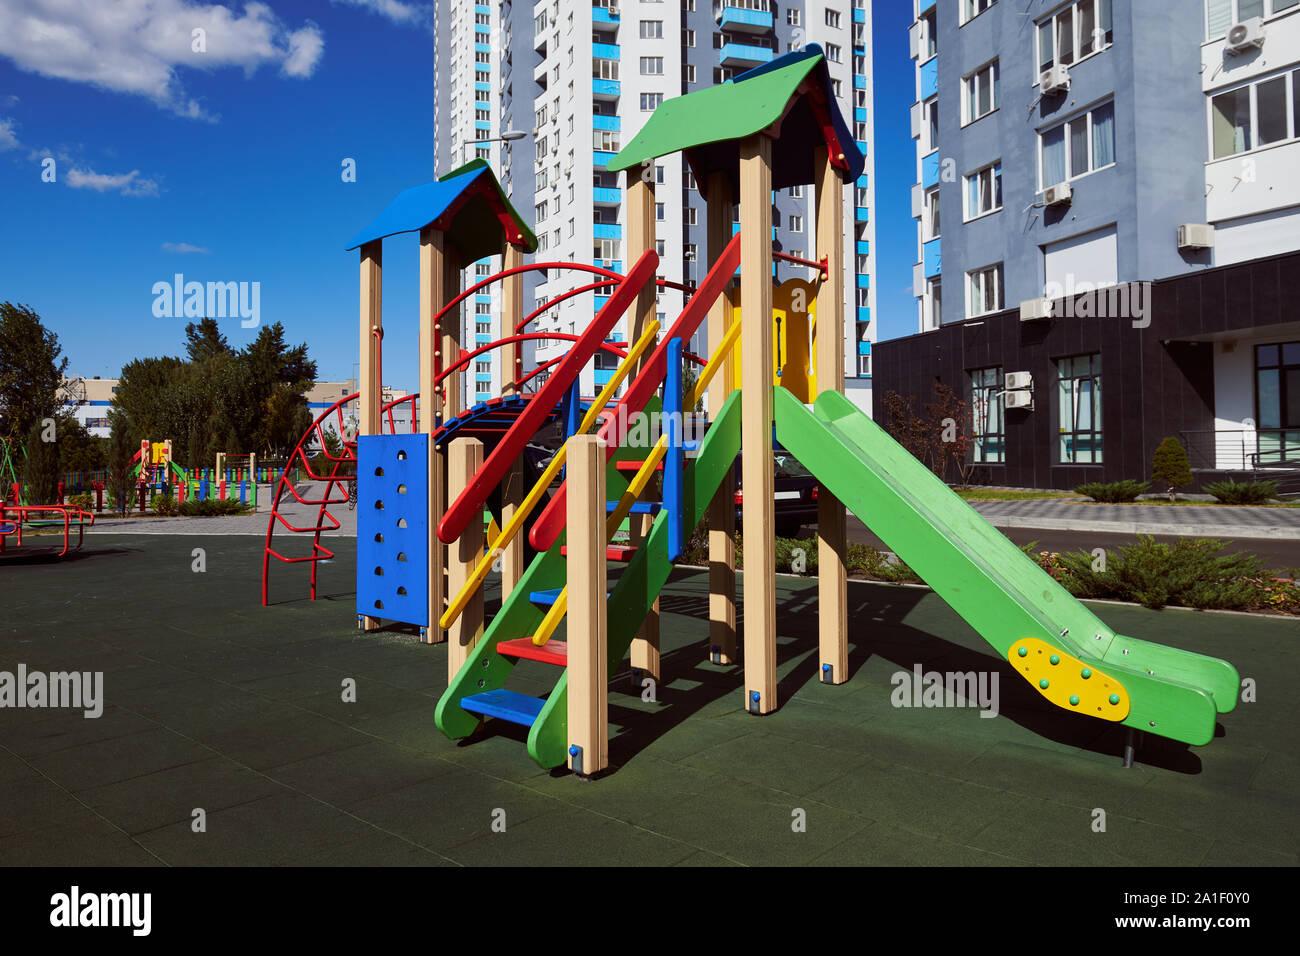 Ist Leer wooden Kinder Folie mit Leiter auf dem Spielplatz. Attraktion im Hof gegen Hochhaus und blauer Himmel. Stockfoto